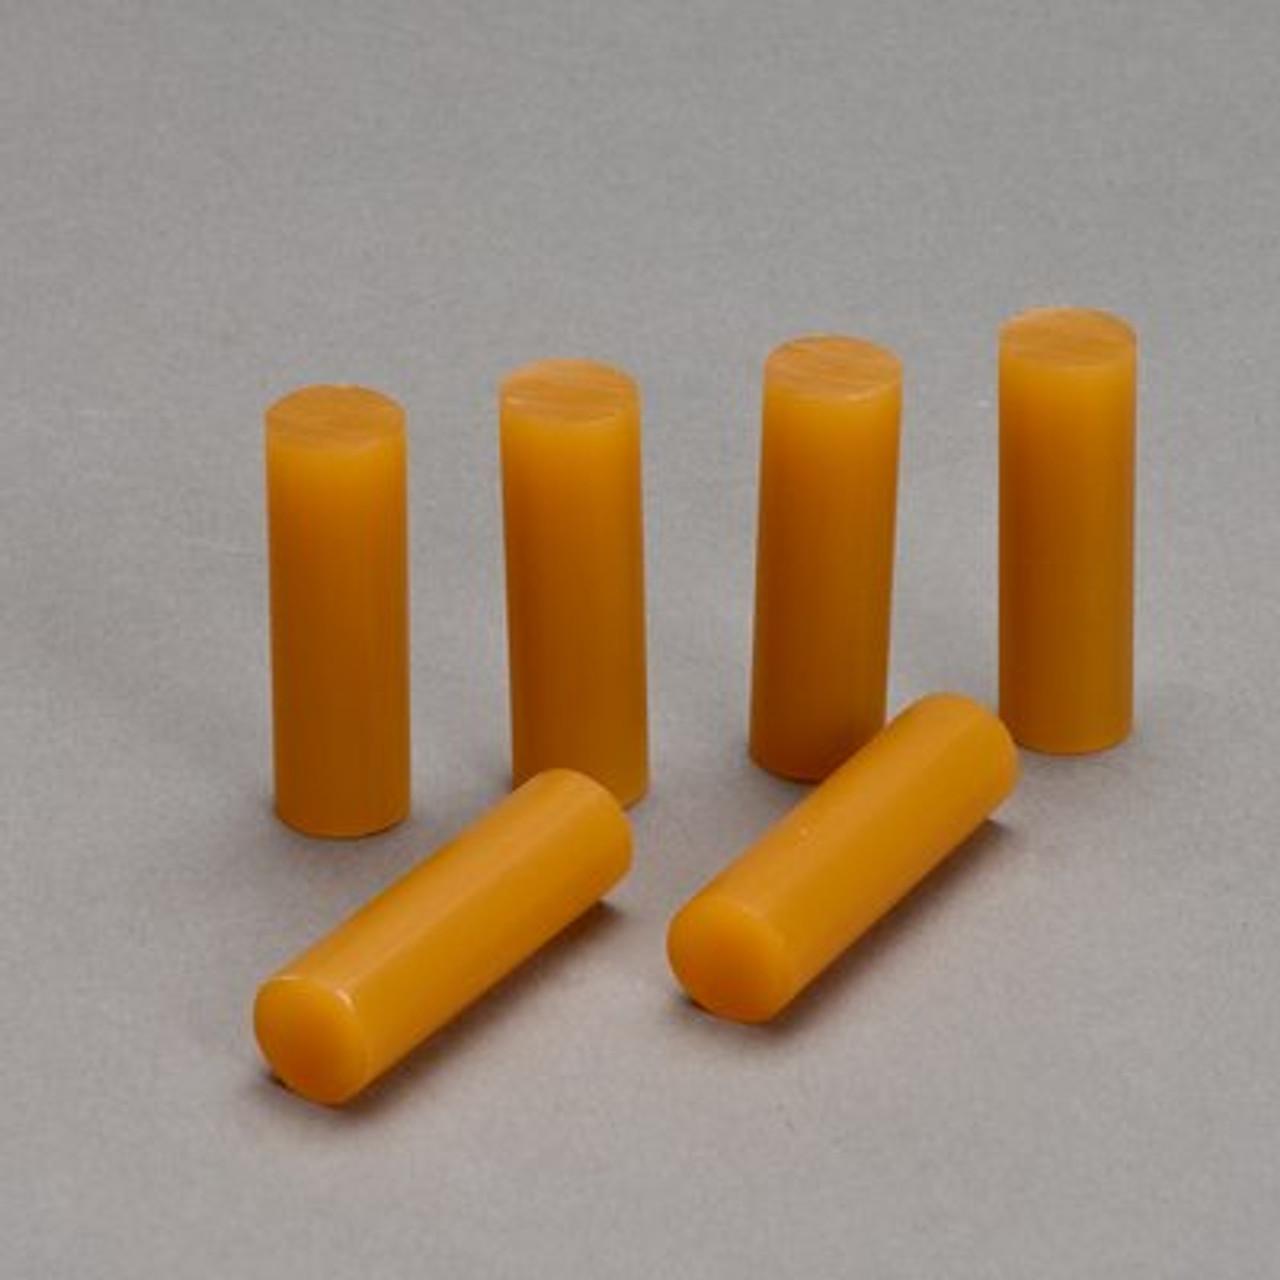 3M™ Scotch-Weld™ Hot Melt Adhesive 3747 TC Tan, 5/8 in x 2 in